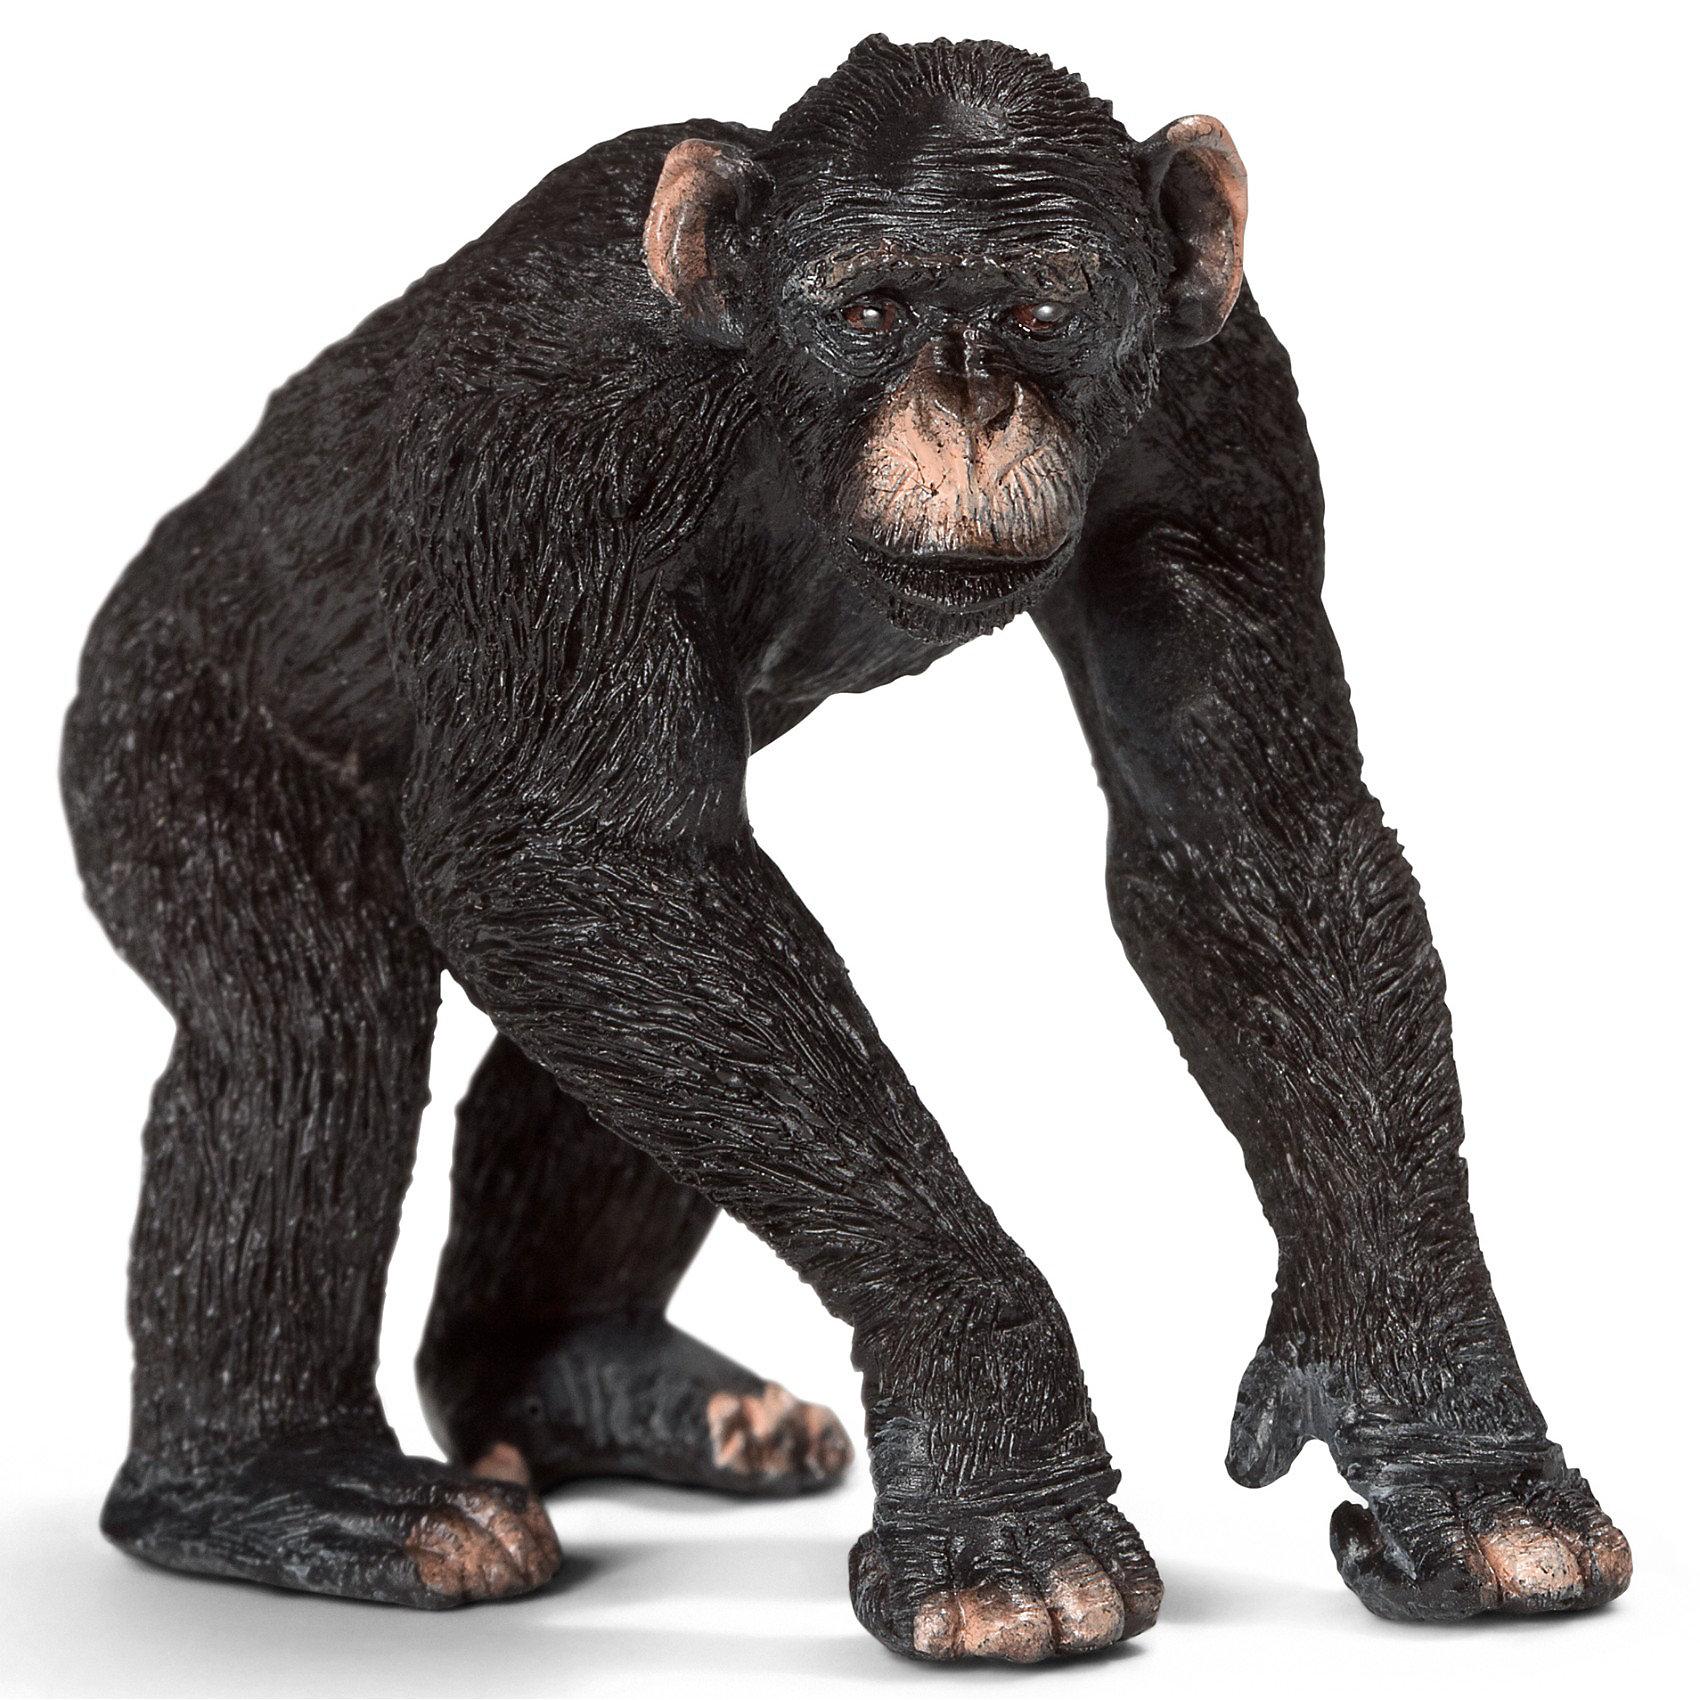 Schleich Шимпанзе, самец. Серия Дикие животныеМир животных<br>Schleich (Шляйх) самец шимпанзе из серии Дикие животные. Шимпанзе живут общинами, возглавляемые самцами. Шимпанзе используют  самодельные инструменты, чтобы отыскивать термитов. В основном эти обезьяны питаются вегетарианской пищей и могут перемещаться на двух ногах.<br><br>Дополнительная информация:<br><br>-фигурка раскрашена вручную и имеет тщательно проработанные черты<br>-размеры (ДхШхВ): 6,5х5х3,5 см<br><br>Фигурки из серии Дикие животные от Schleich (Шляйх) разработаны в сотрудничестве с Берлинским зоопарком и поэтому они очень реалистичны!<br><br>Игрушку самца шимпанзе вы можете купить в нашем магазине.<br><br>Ширина мм: 106<br>Глубина мм: 63<br>Высота мм: 2<br>Вес г: 37<br>Возраст от месяцев: 36<br>Возраст до месяцев: 96<br>Пол: Унисекс<br>Возраст: Детский<br>SKU: 2609254